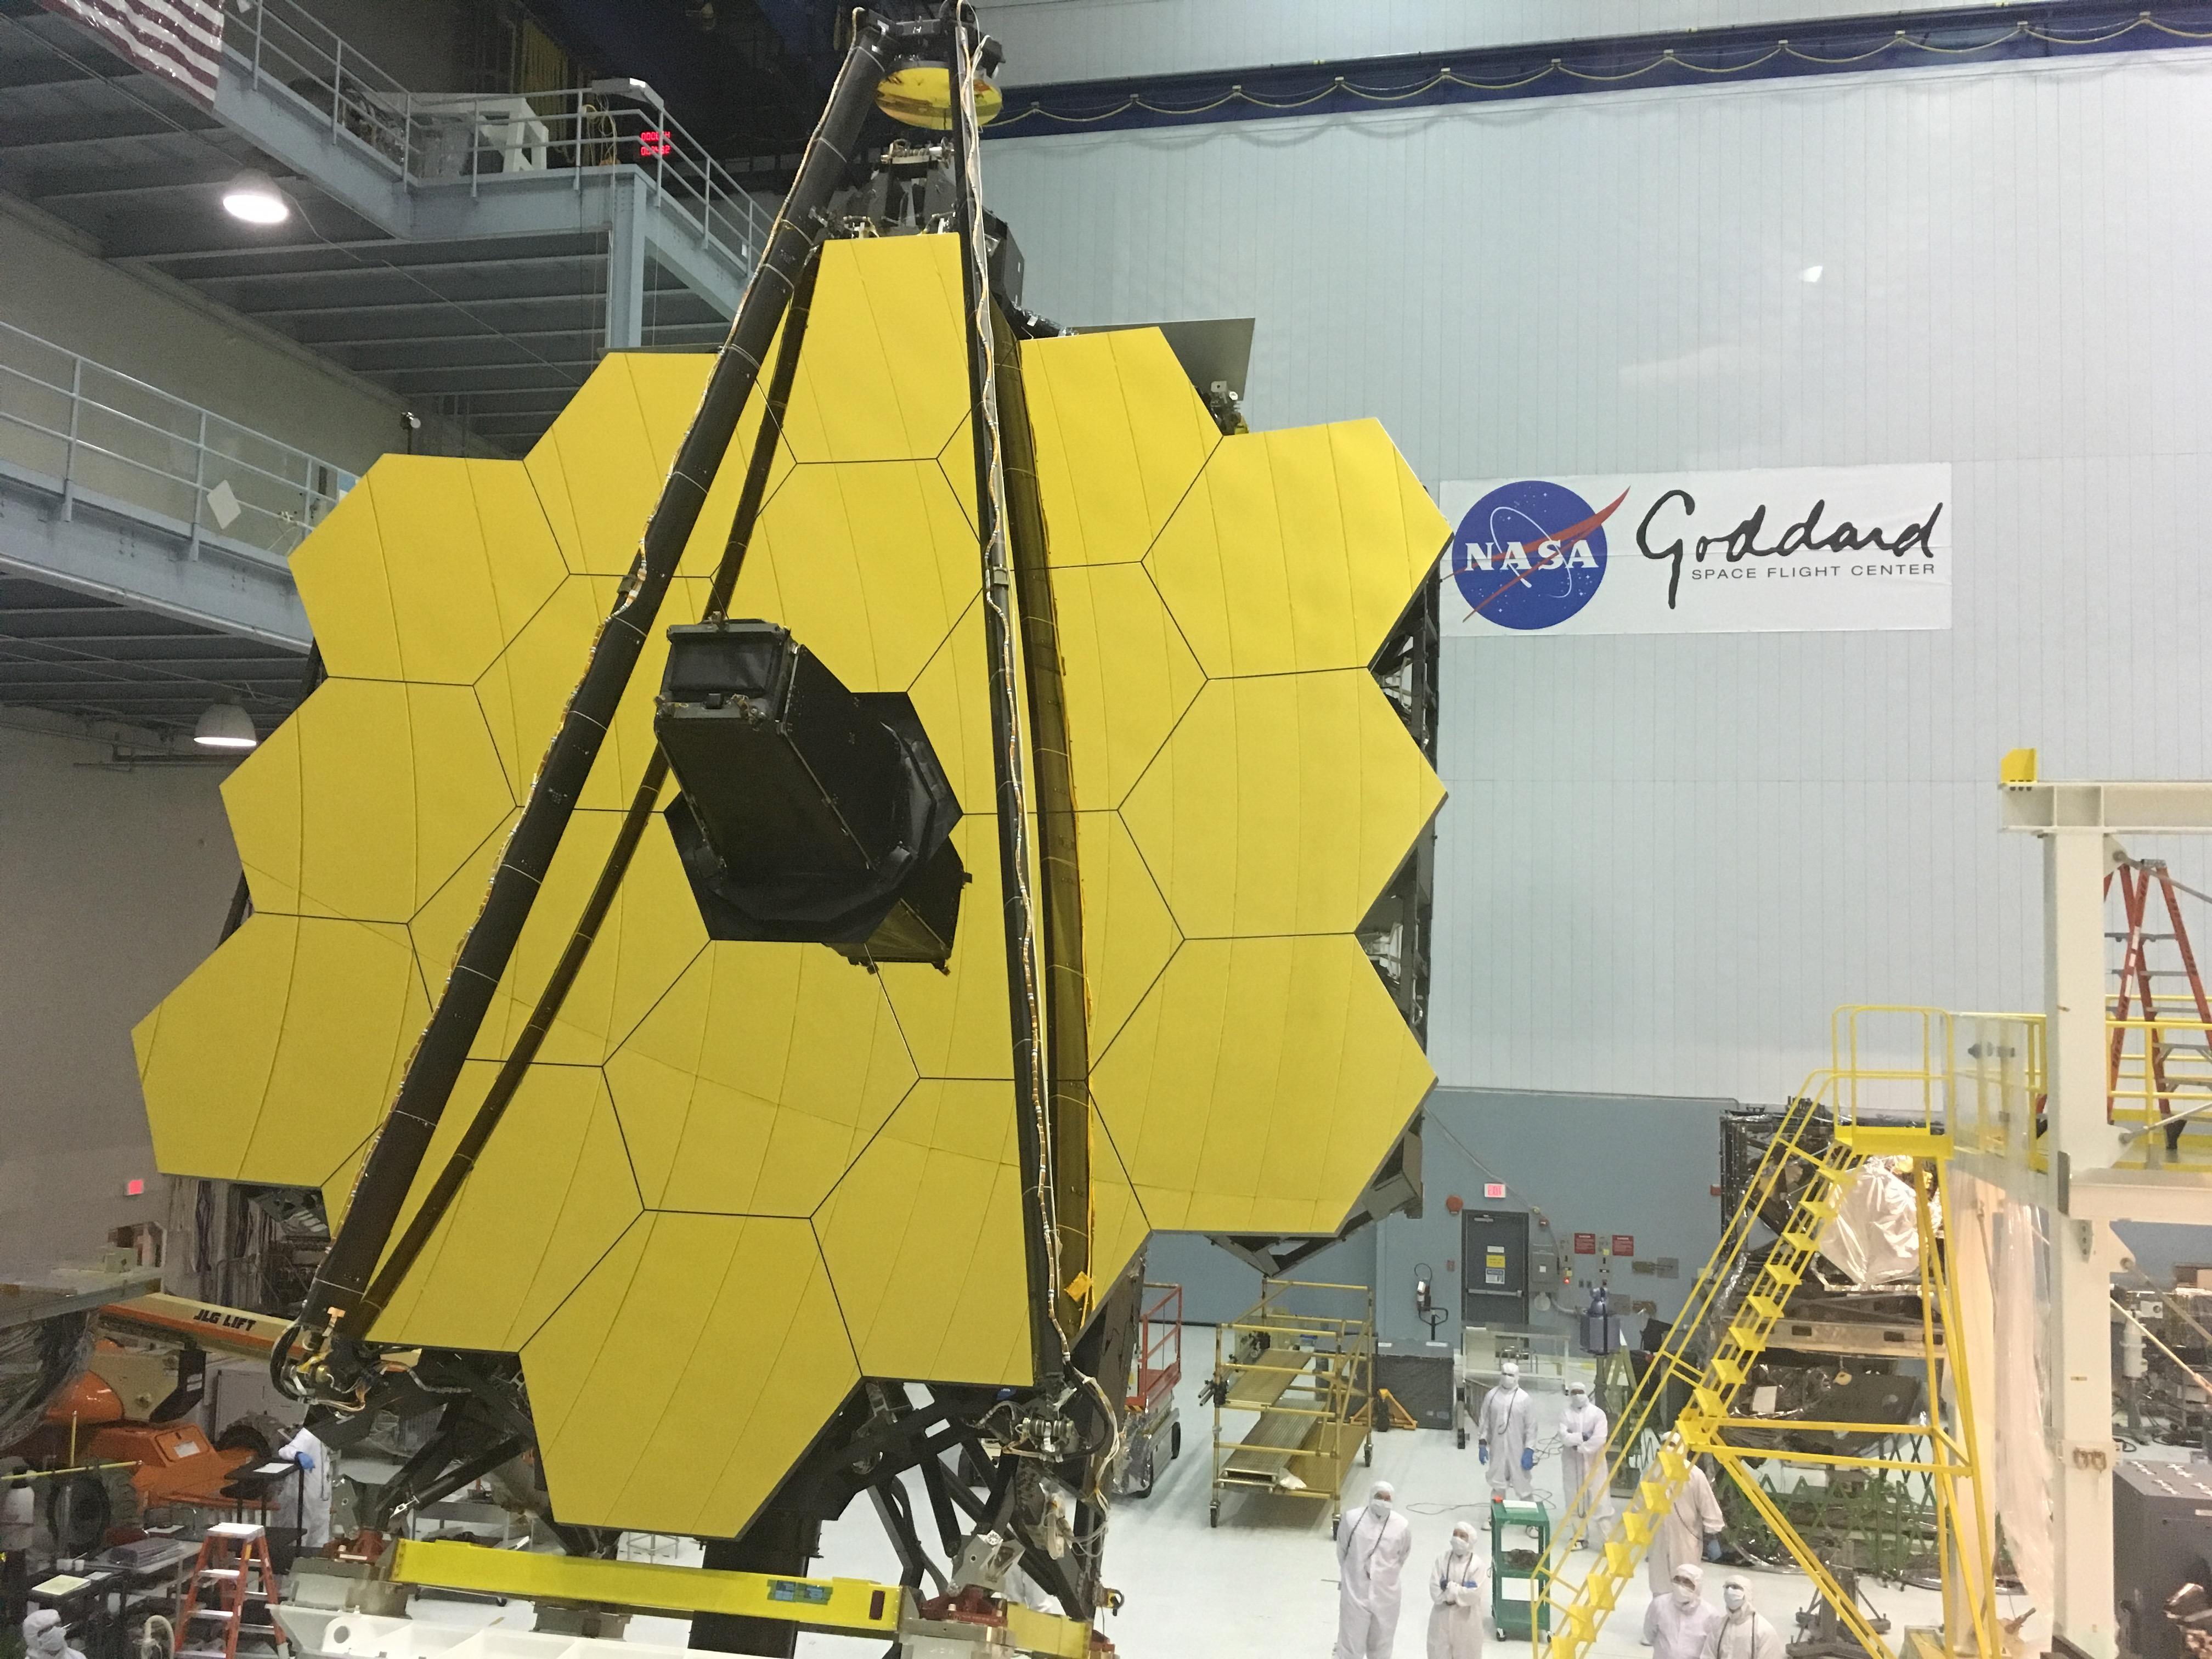 Il telescopio spaziale Spitzer è ufficialmente andato in pensione astronomia, Great Observatories, infrarossi, James Webb, James Webb Space Telescope, NASA, Spitzer, telescopio spaziale, Trappist-1